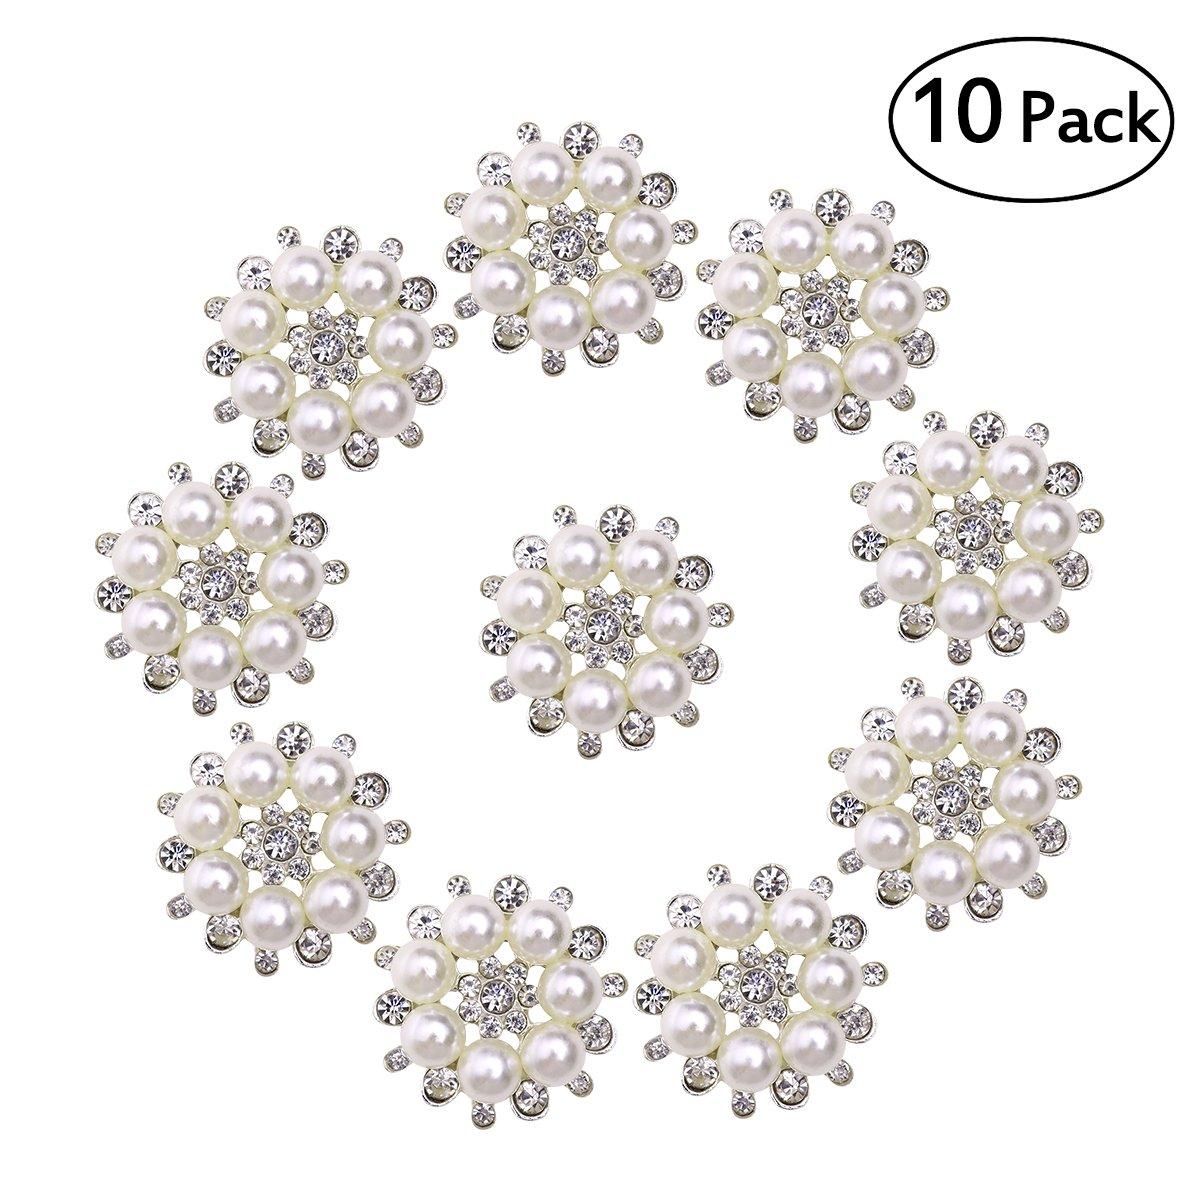 Bottoni di perla ULTNICE Pulsante con perline e strass finte per mestieri fai da te di 30 mm 10PCS